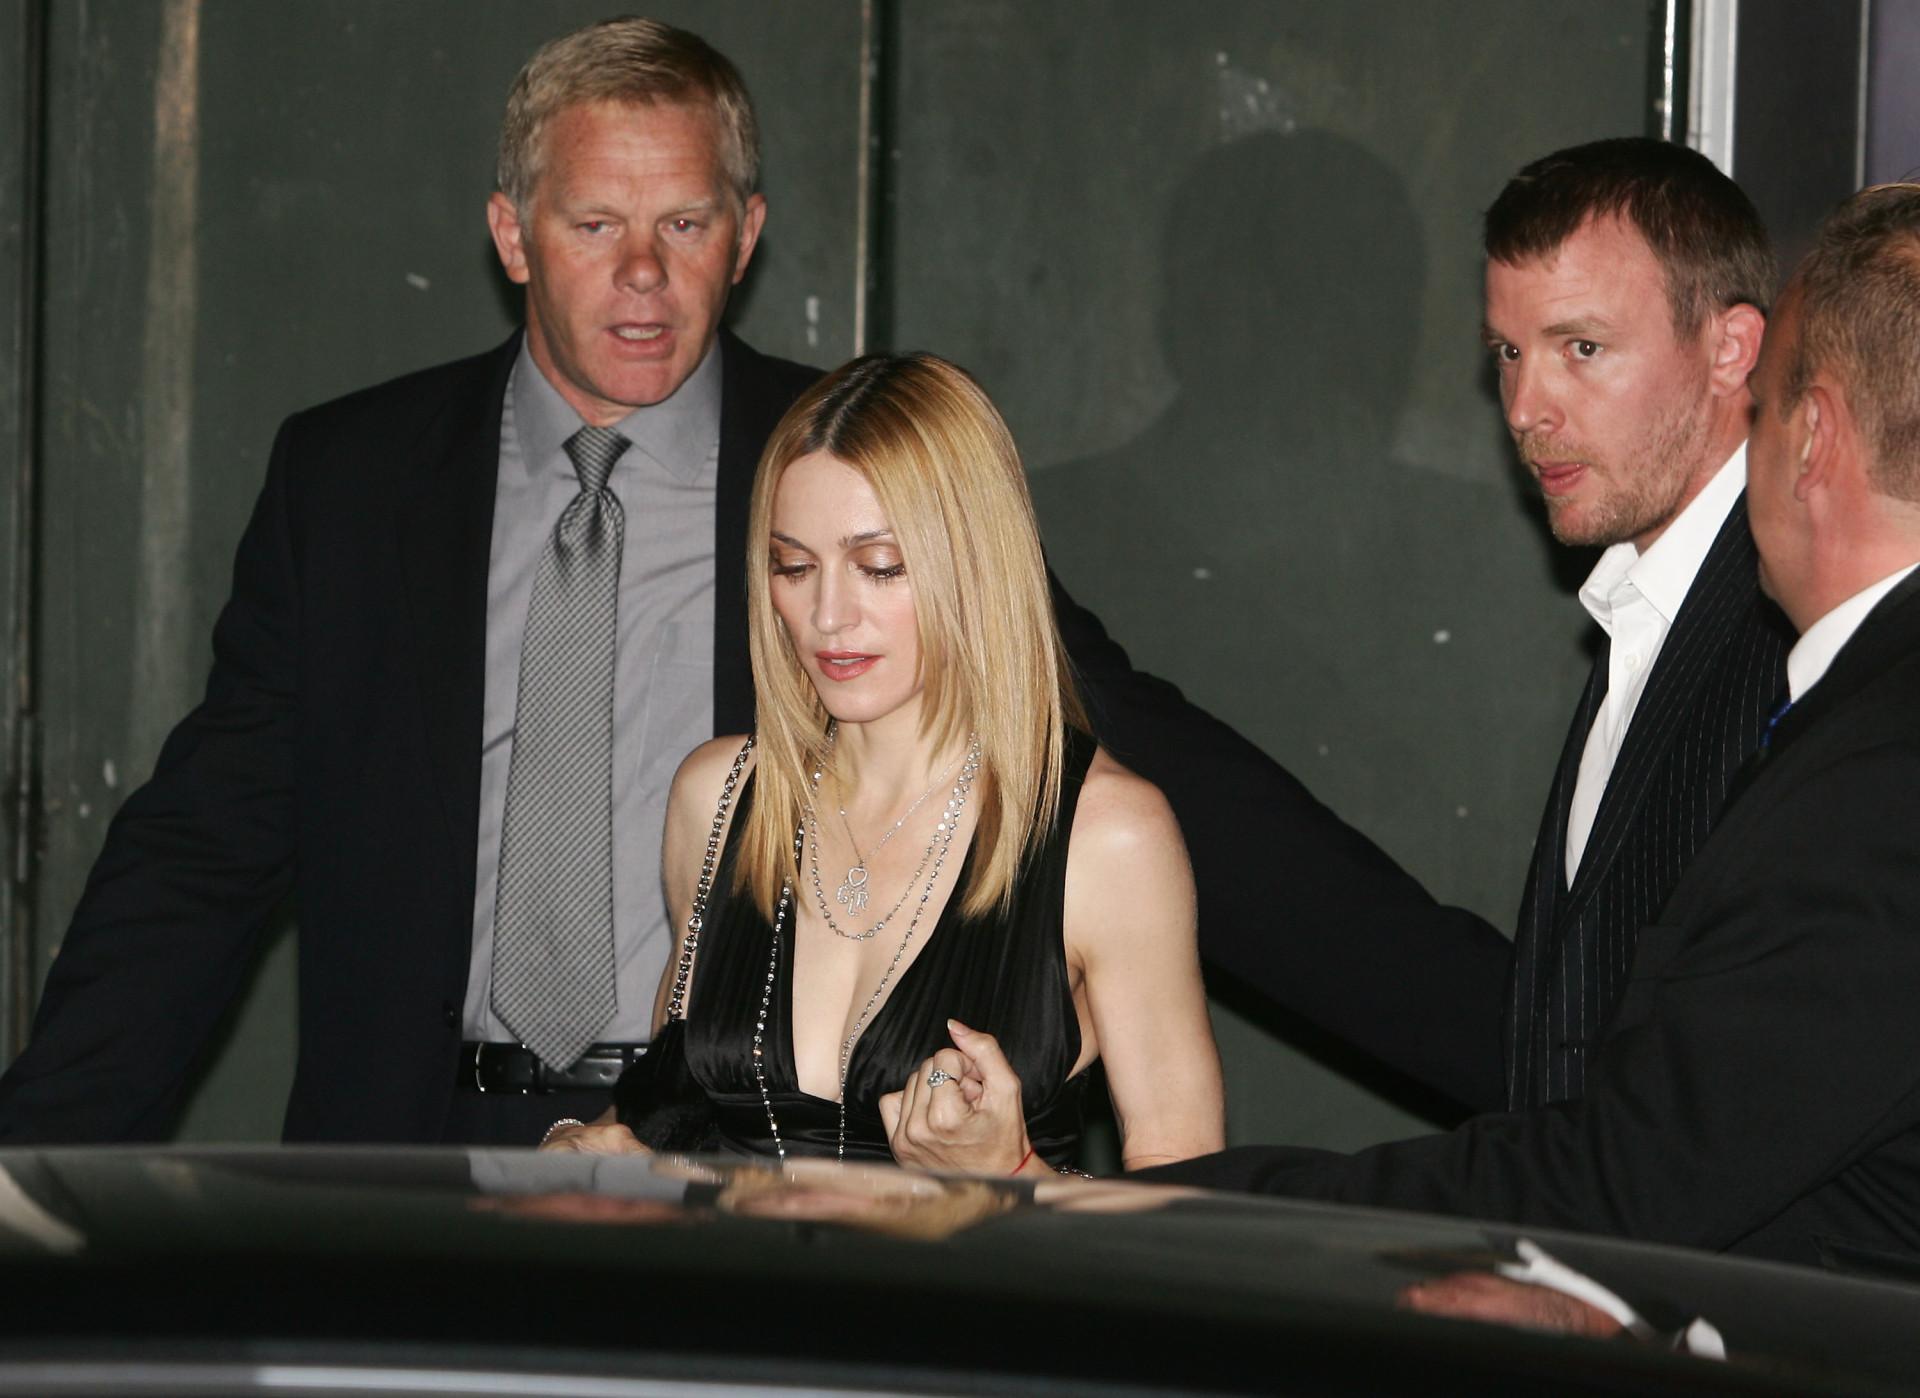 Os acordos pré-nupciais mais inusitados das celebridades